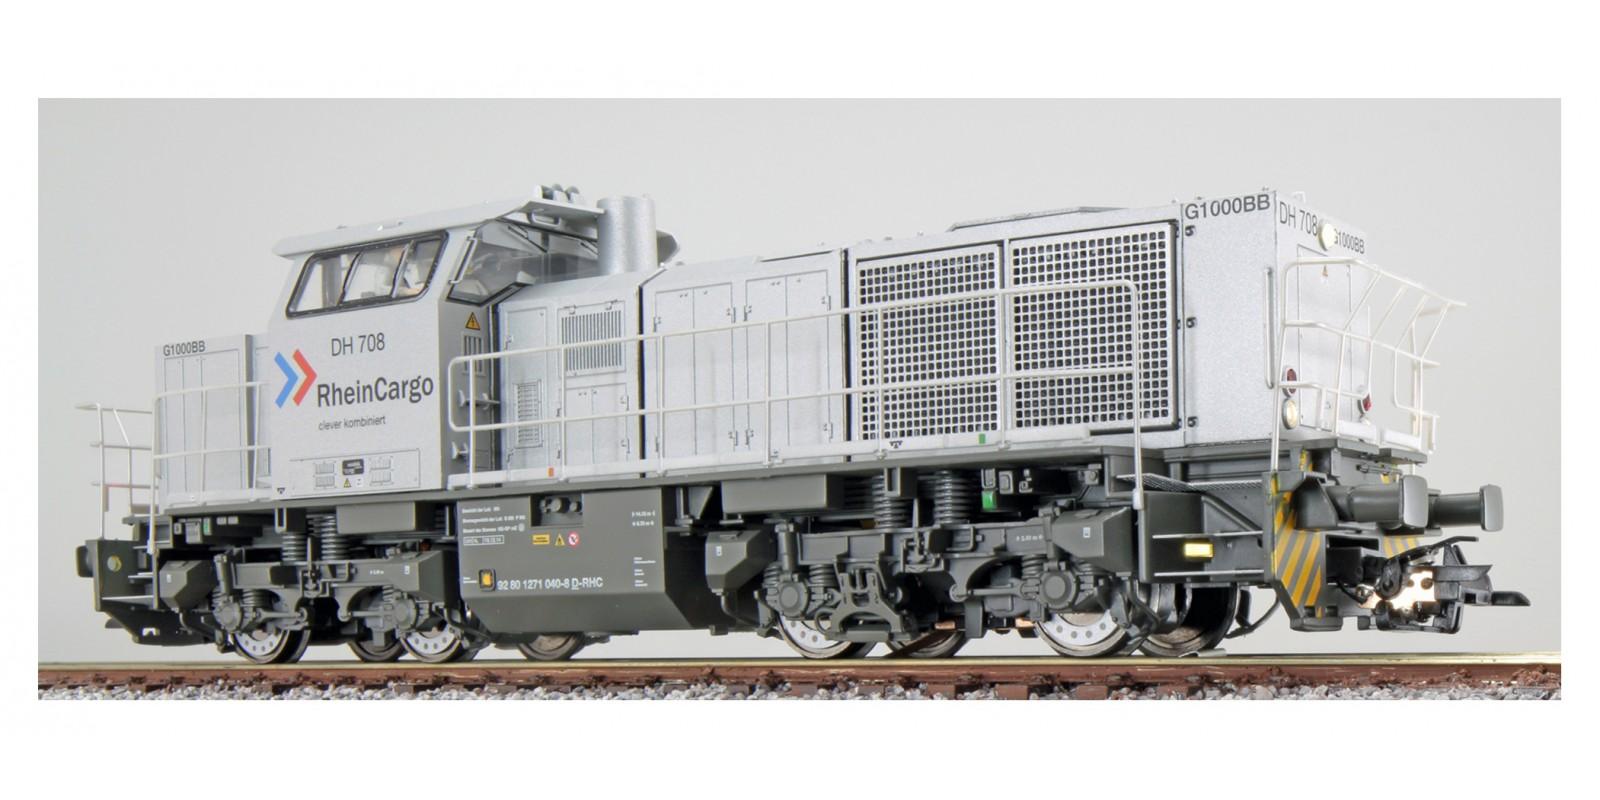 ES31301 Gauge H0 Diesel locomotive G1000 of the RheinCargo, epoch VI with sound